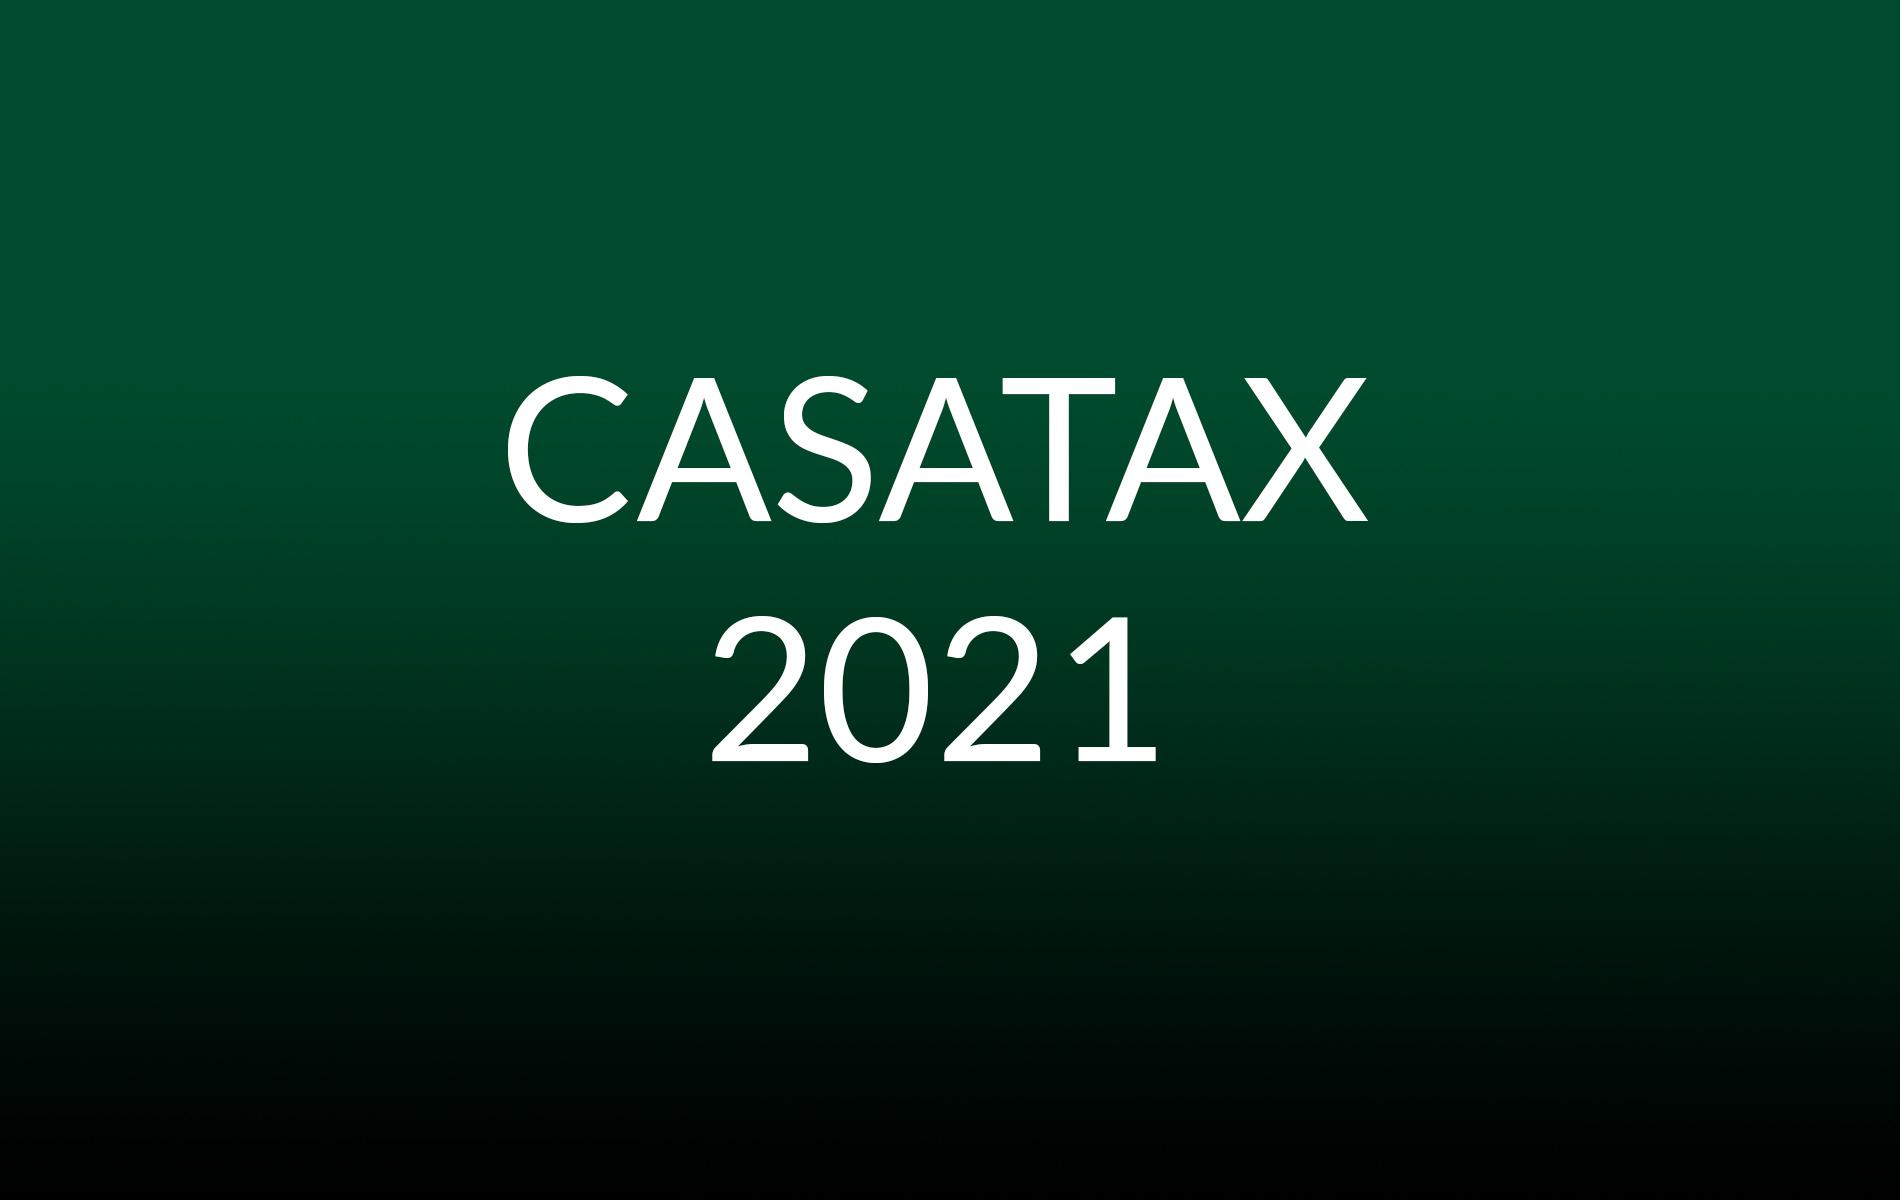 CASATAX 2021